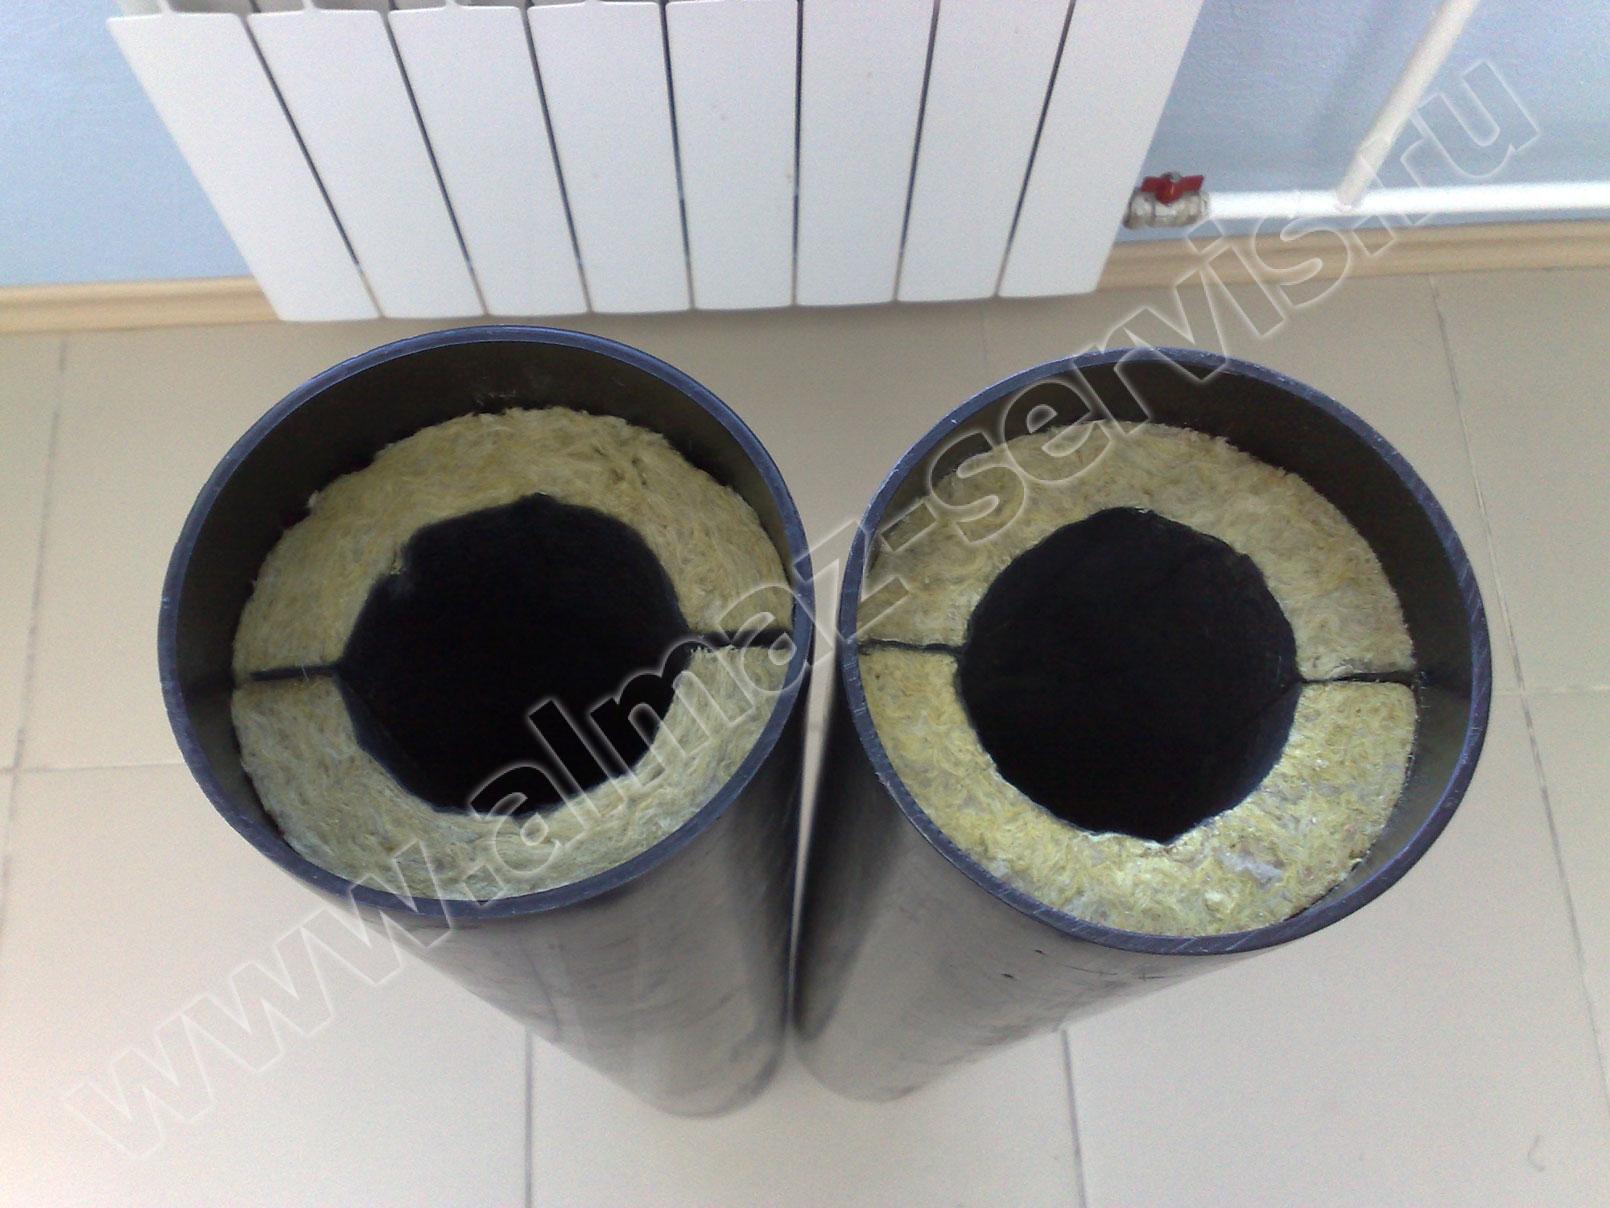 Высококачественная чёрная полиэтиленовая труба Ø 132 (изготовление по нашей технологии на собственном экструдере) Теплошумоизоляция из базальтовых горных пород - экологически безопасна, абсолютно не горюча, химически стойка, имеет неограниченный срок службы.